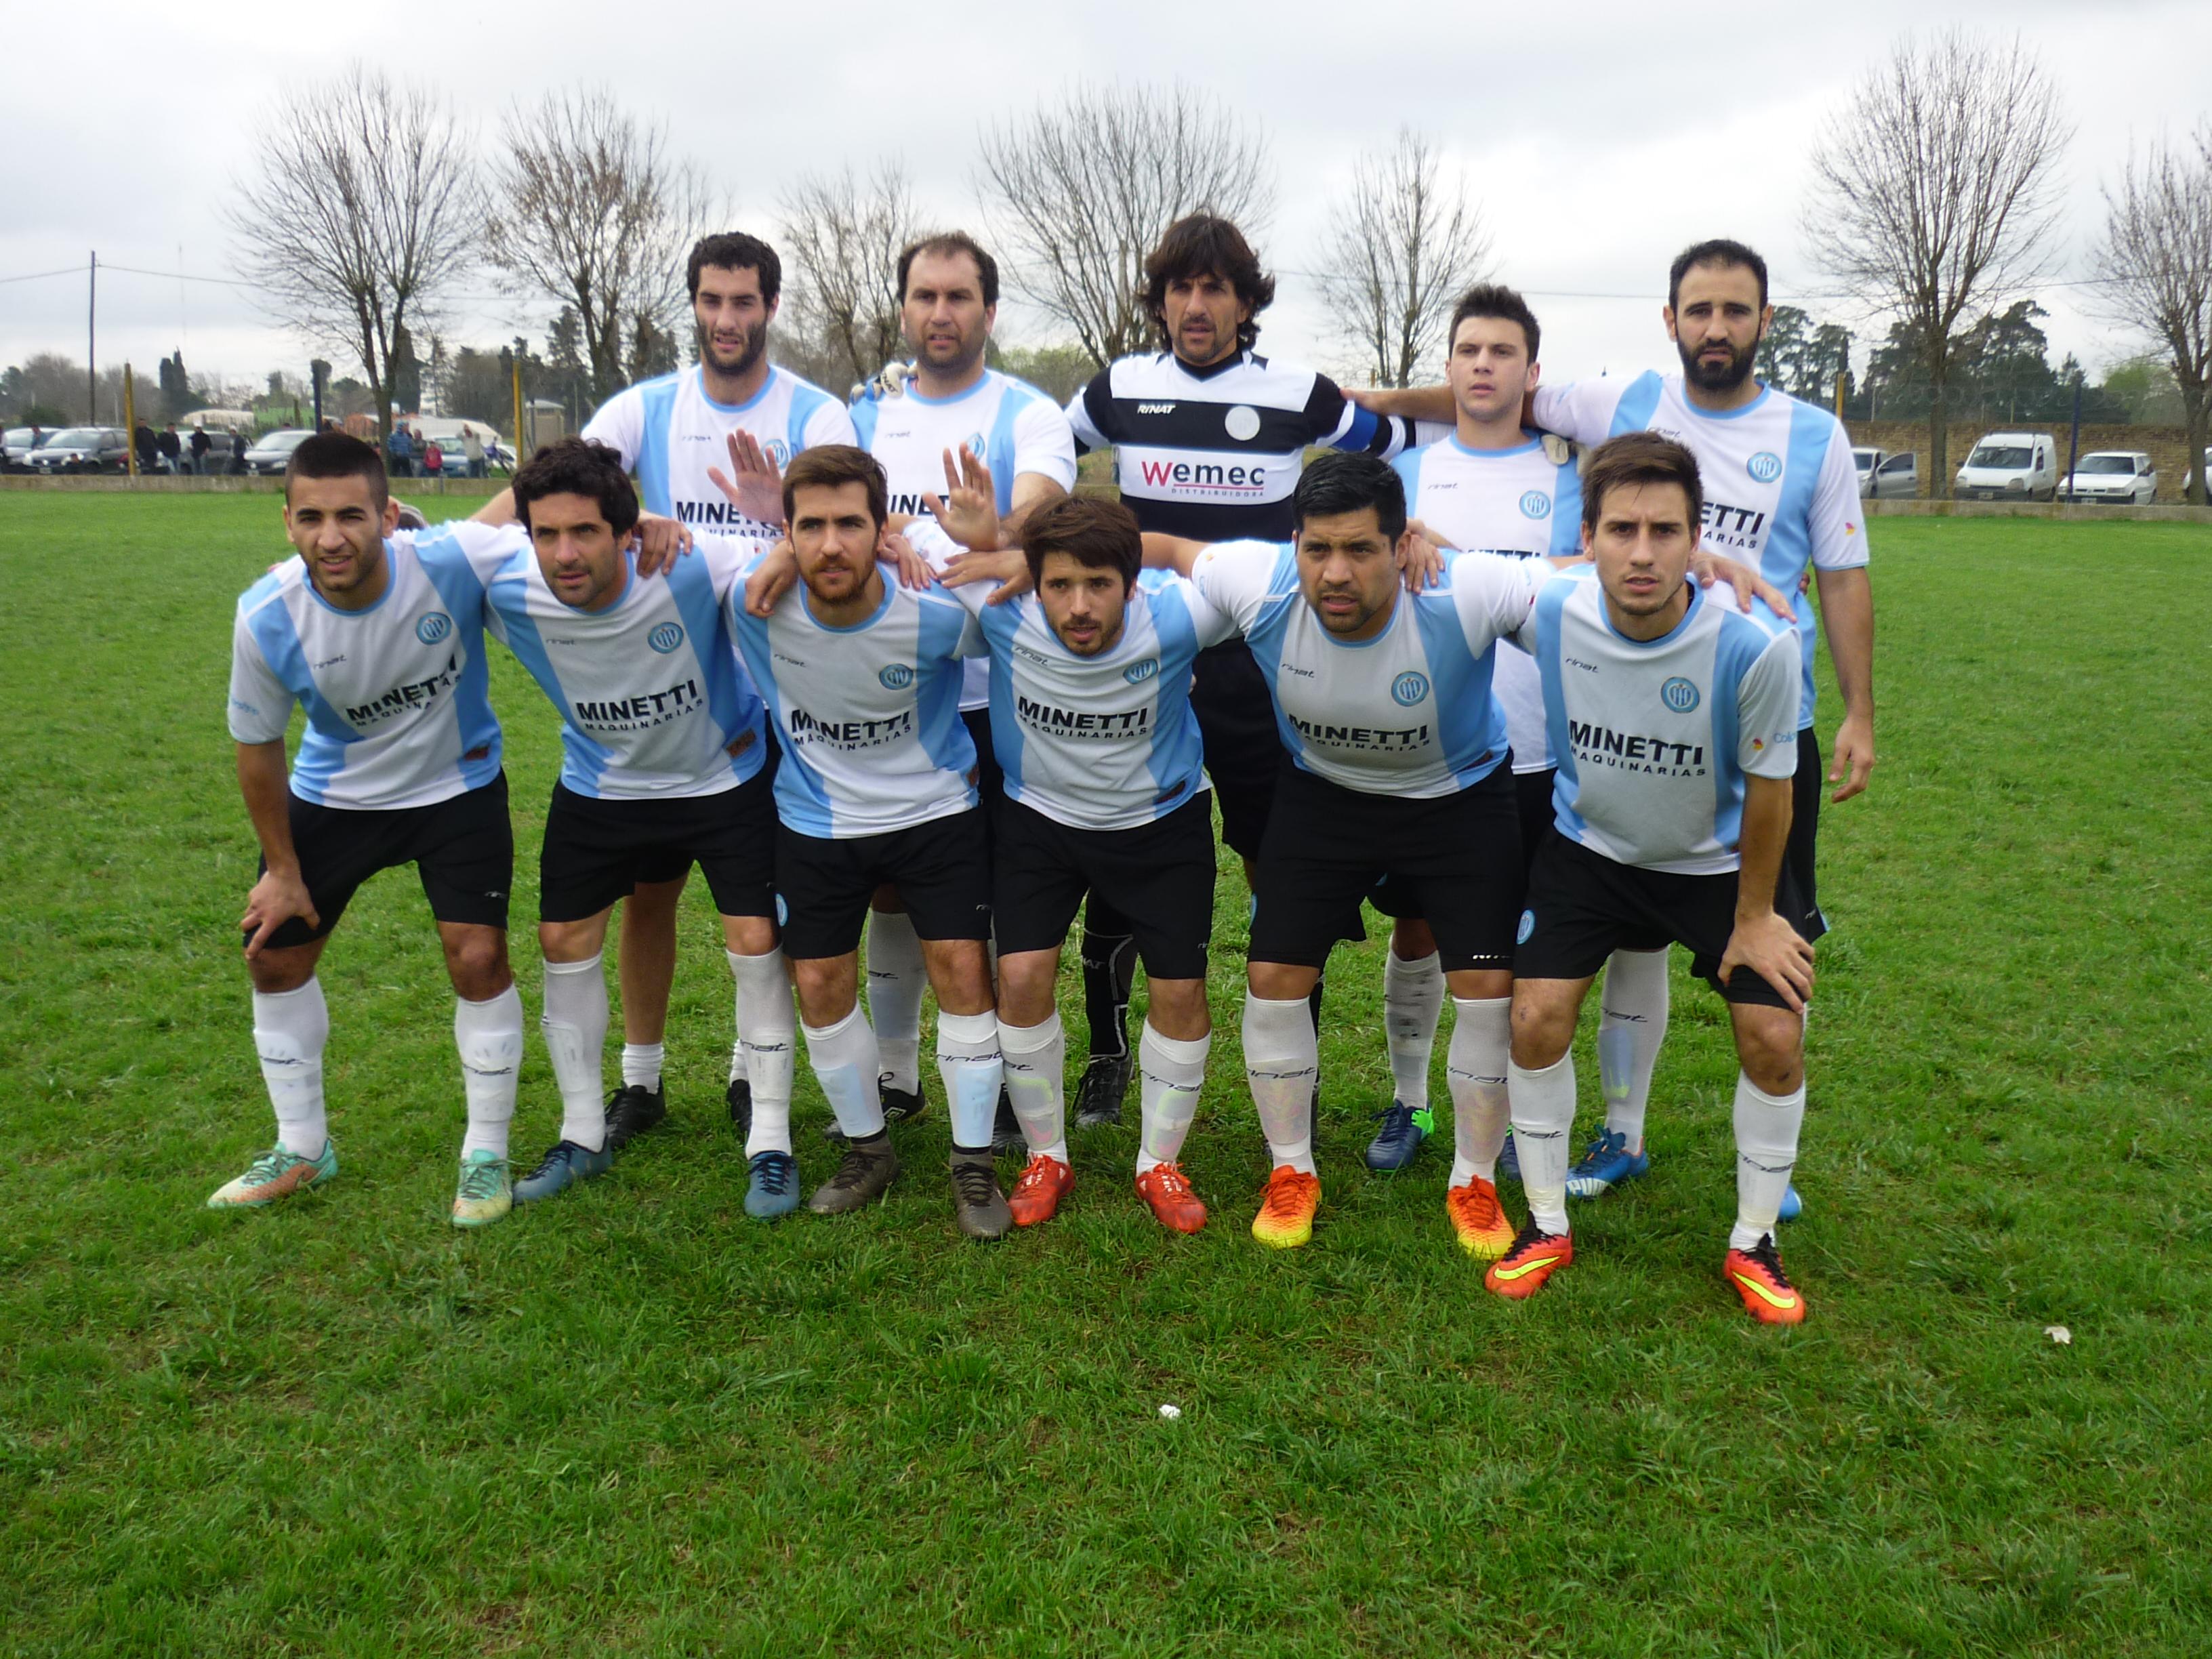 En la tarde de domingo se jugaron los encuentros que restaban de esta sexta fecha del Torneo Local que organiza la Liga Deportiva de Fútbol de Rojas, que se basó en el recupero de los mismos tras las suspensiones semanas anteriores.